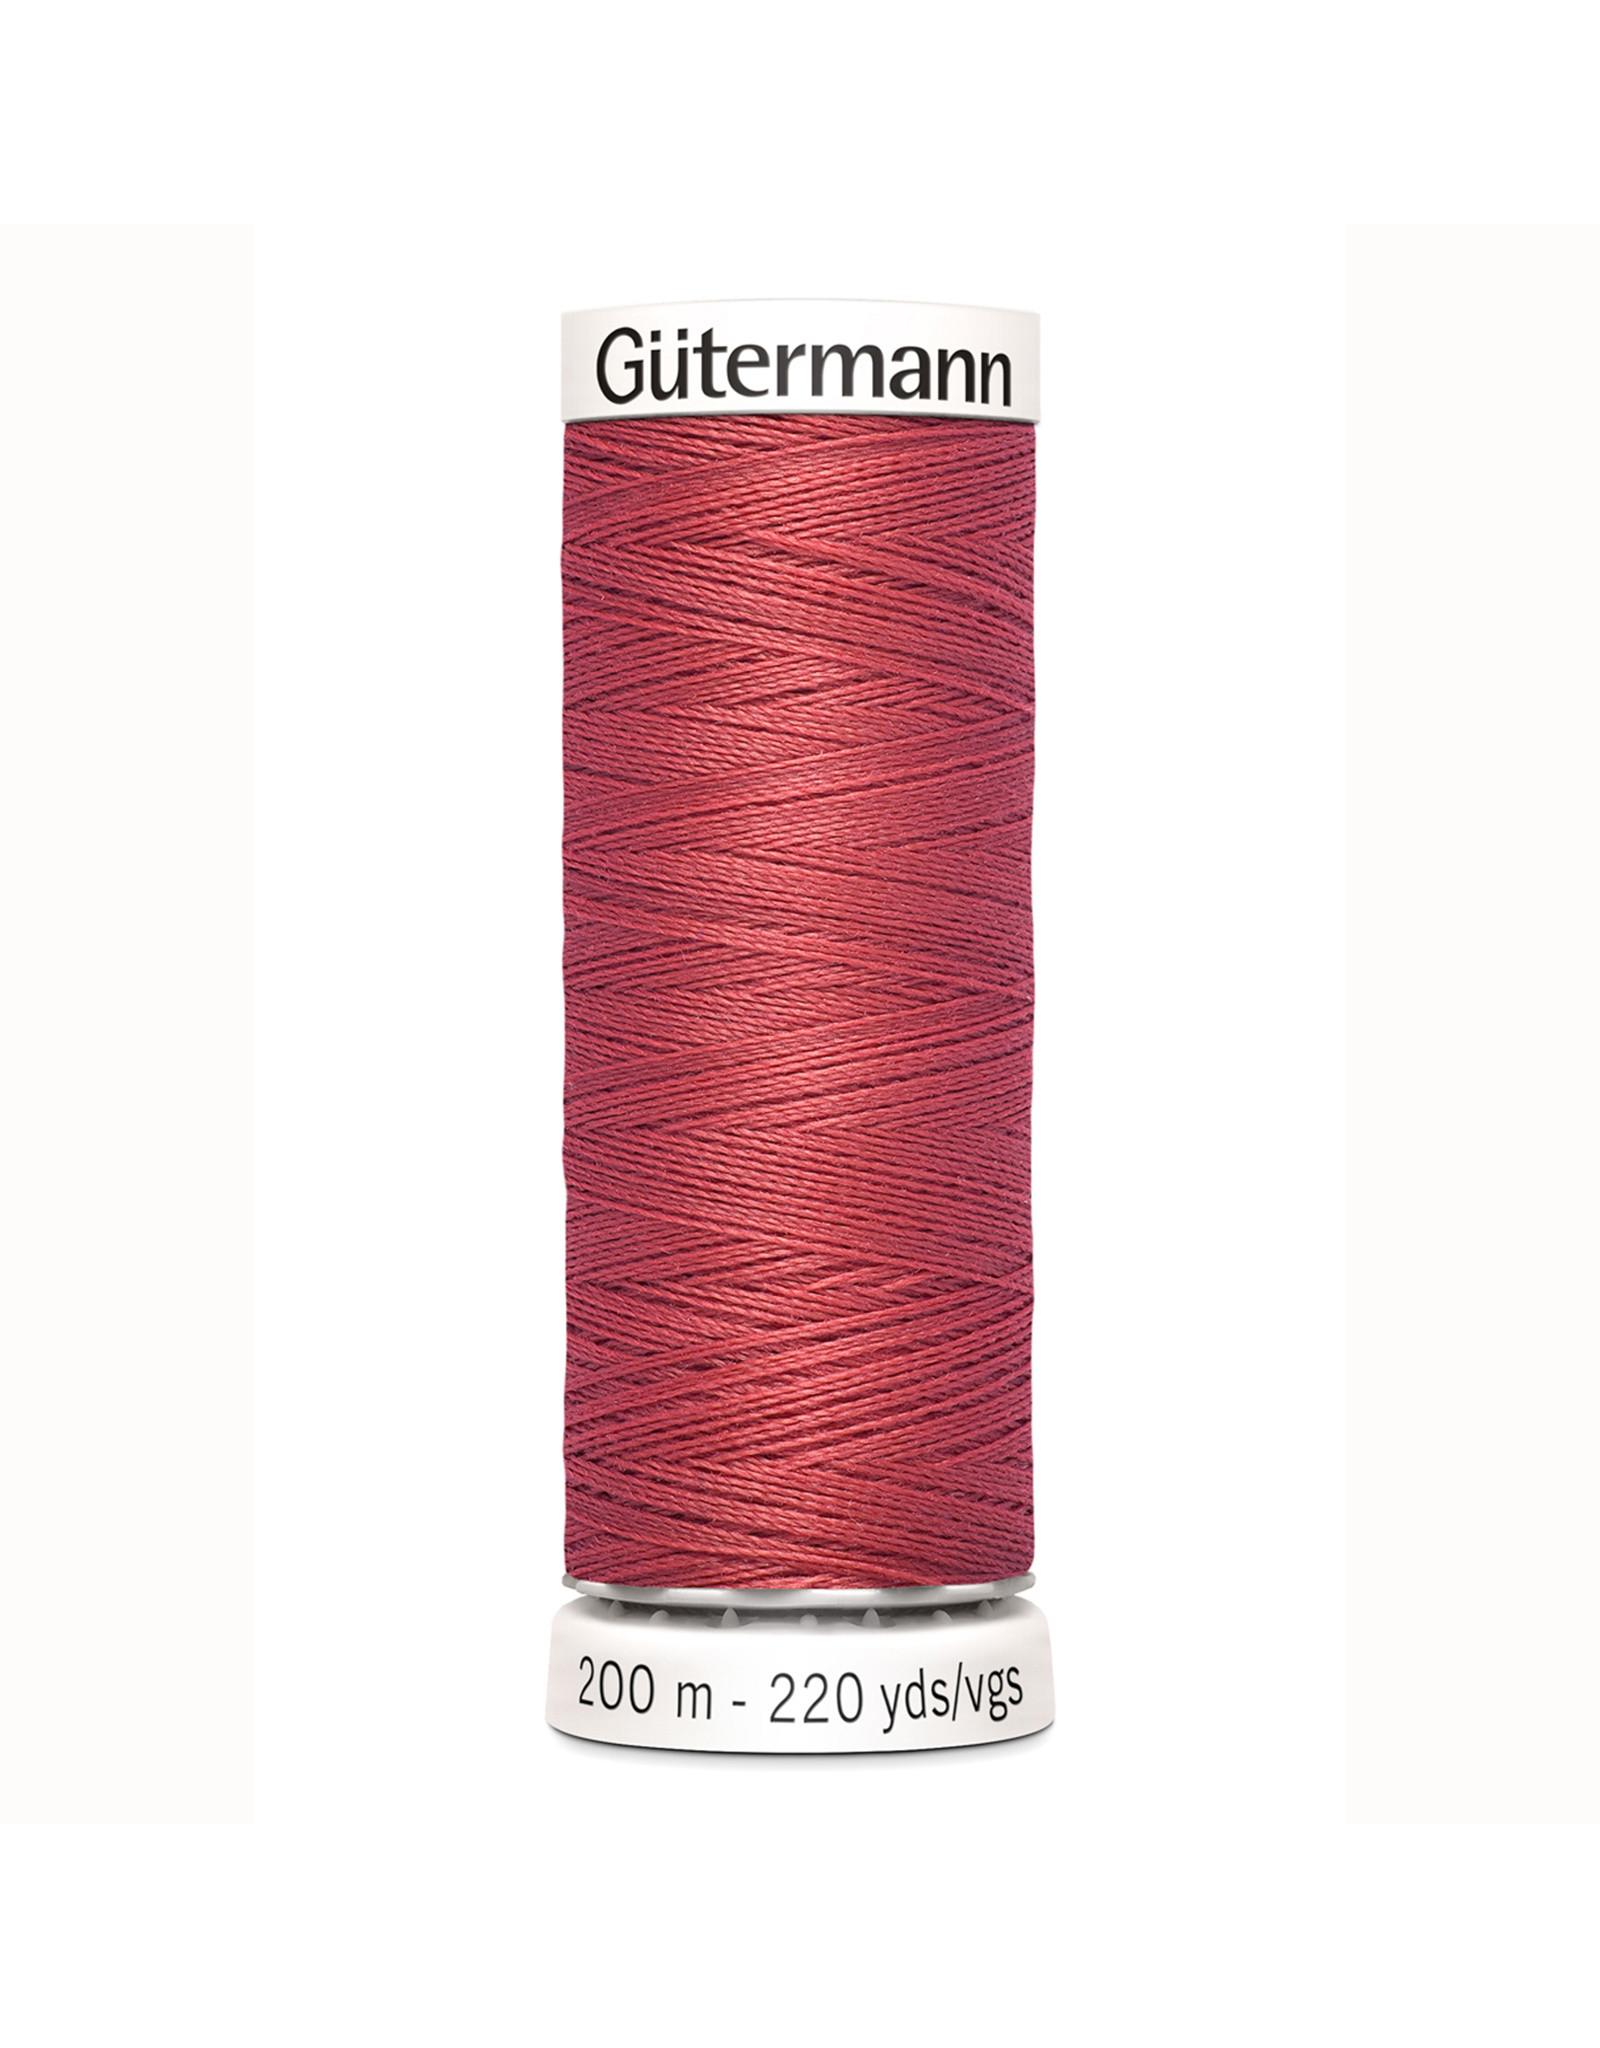 Gütermann Gütermann Sewing Thread 200 m - nr 519